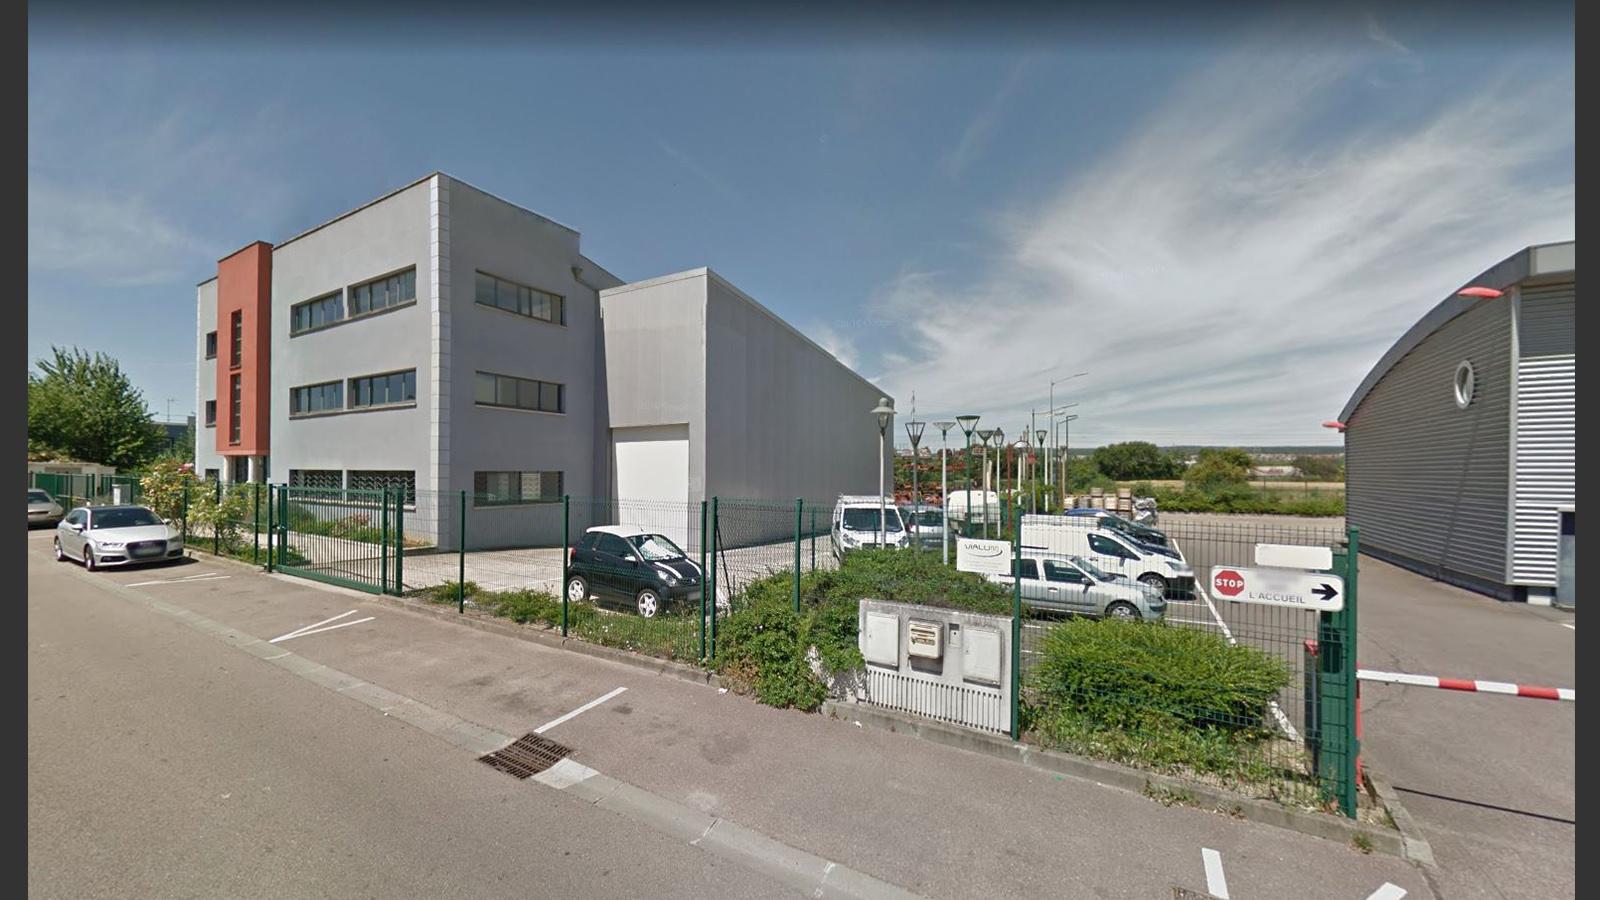 Bureaux et atelier Meziere sur Seine France. Atelier Messaoudi architecture aménagement et design. Bureau d'étude Algérie.